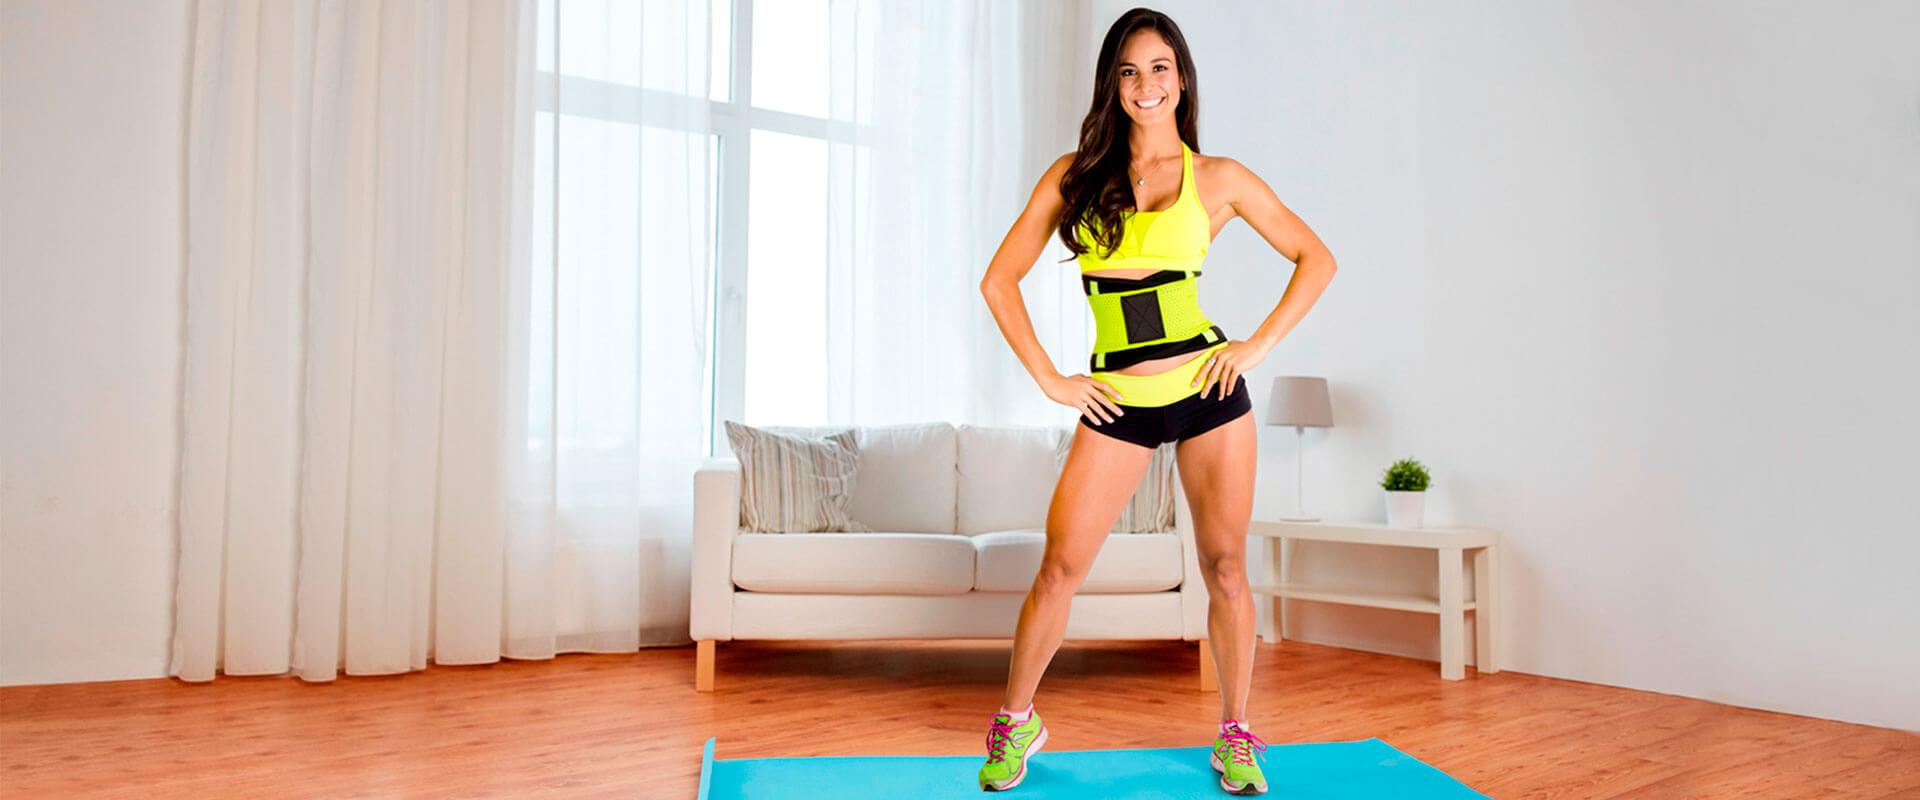 Mujer usando la faja Cinturilla 70-30 Sport para su rutina fitness.